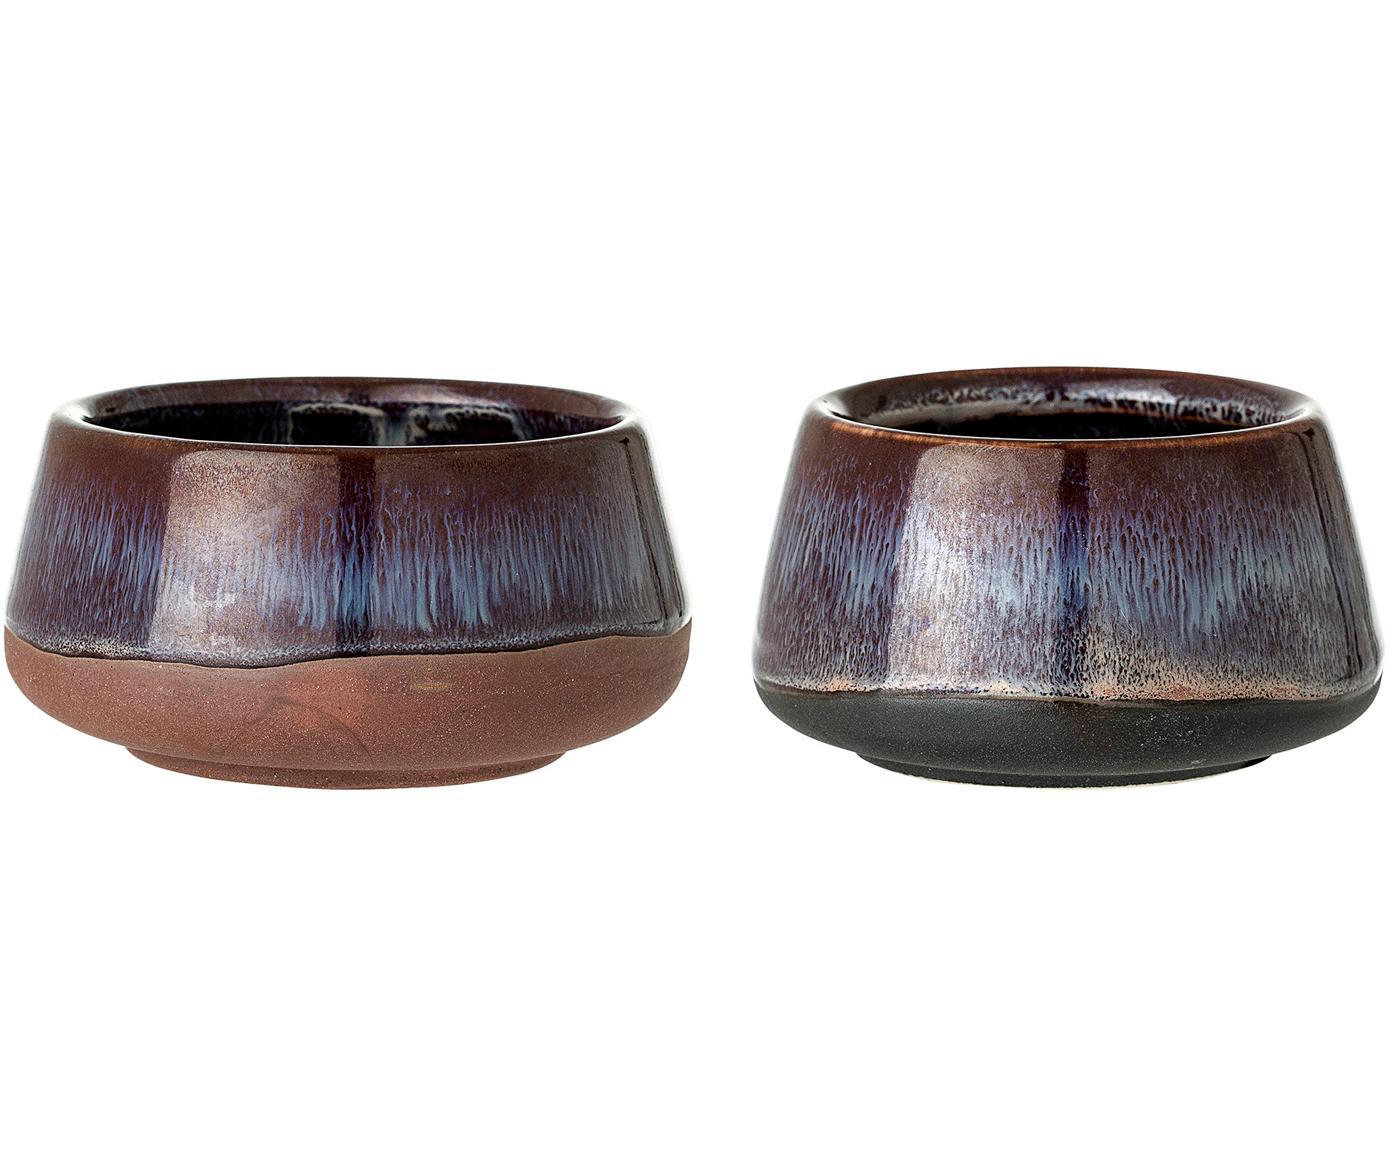 Handgefertigtes Teelichthalter-Set Nina, 2-tlg., Steingut, Burgund, Beige, Terrakotta, Sondergrößen